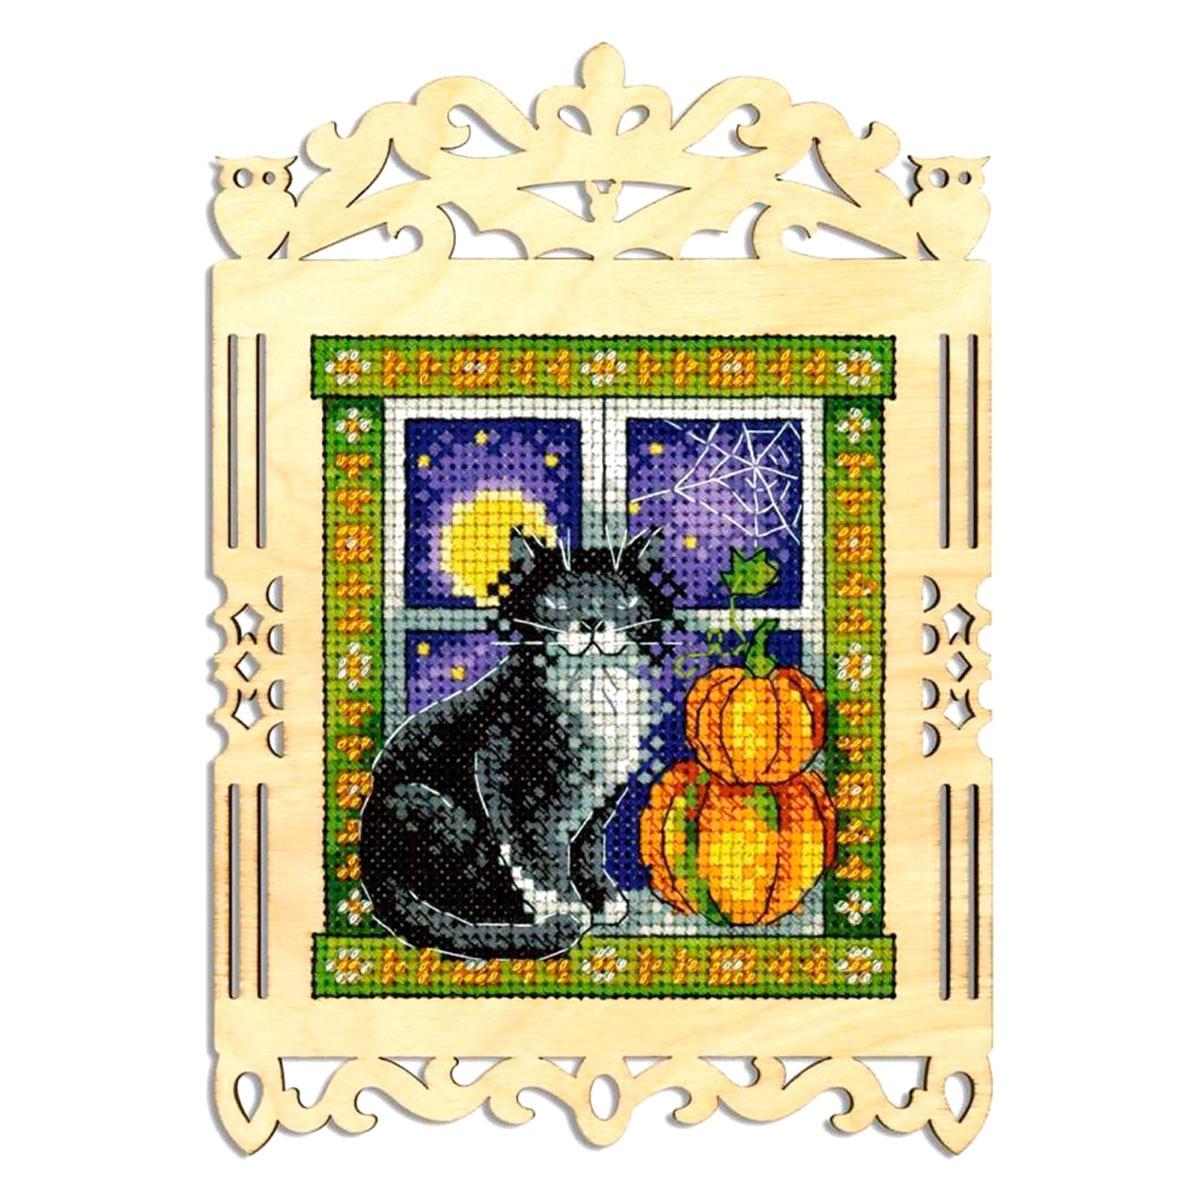 О-003 Набор для вышивания на деревянной основе 'Пушистый сторож' 19*14/11*10см